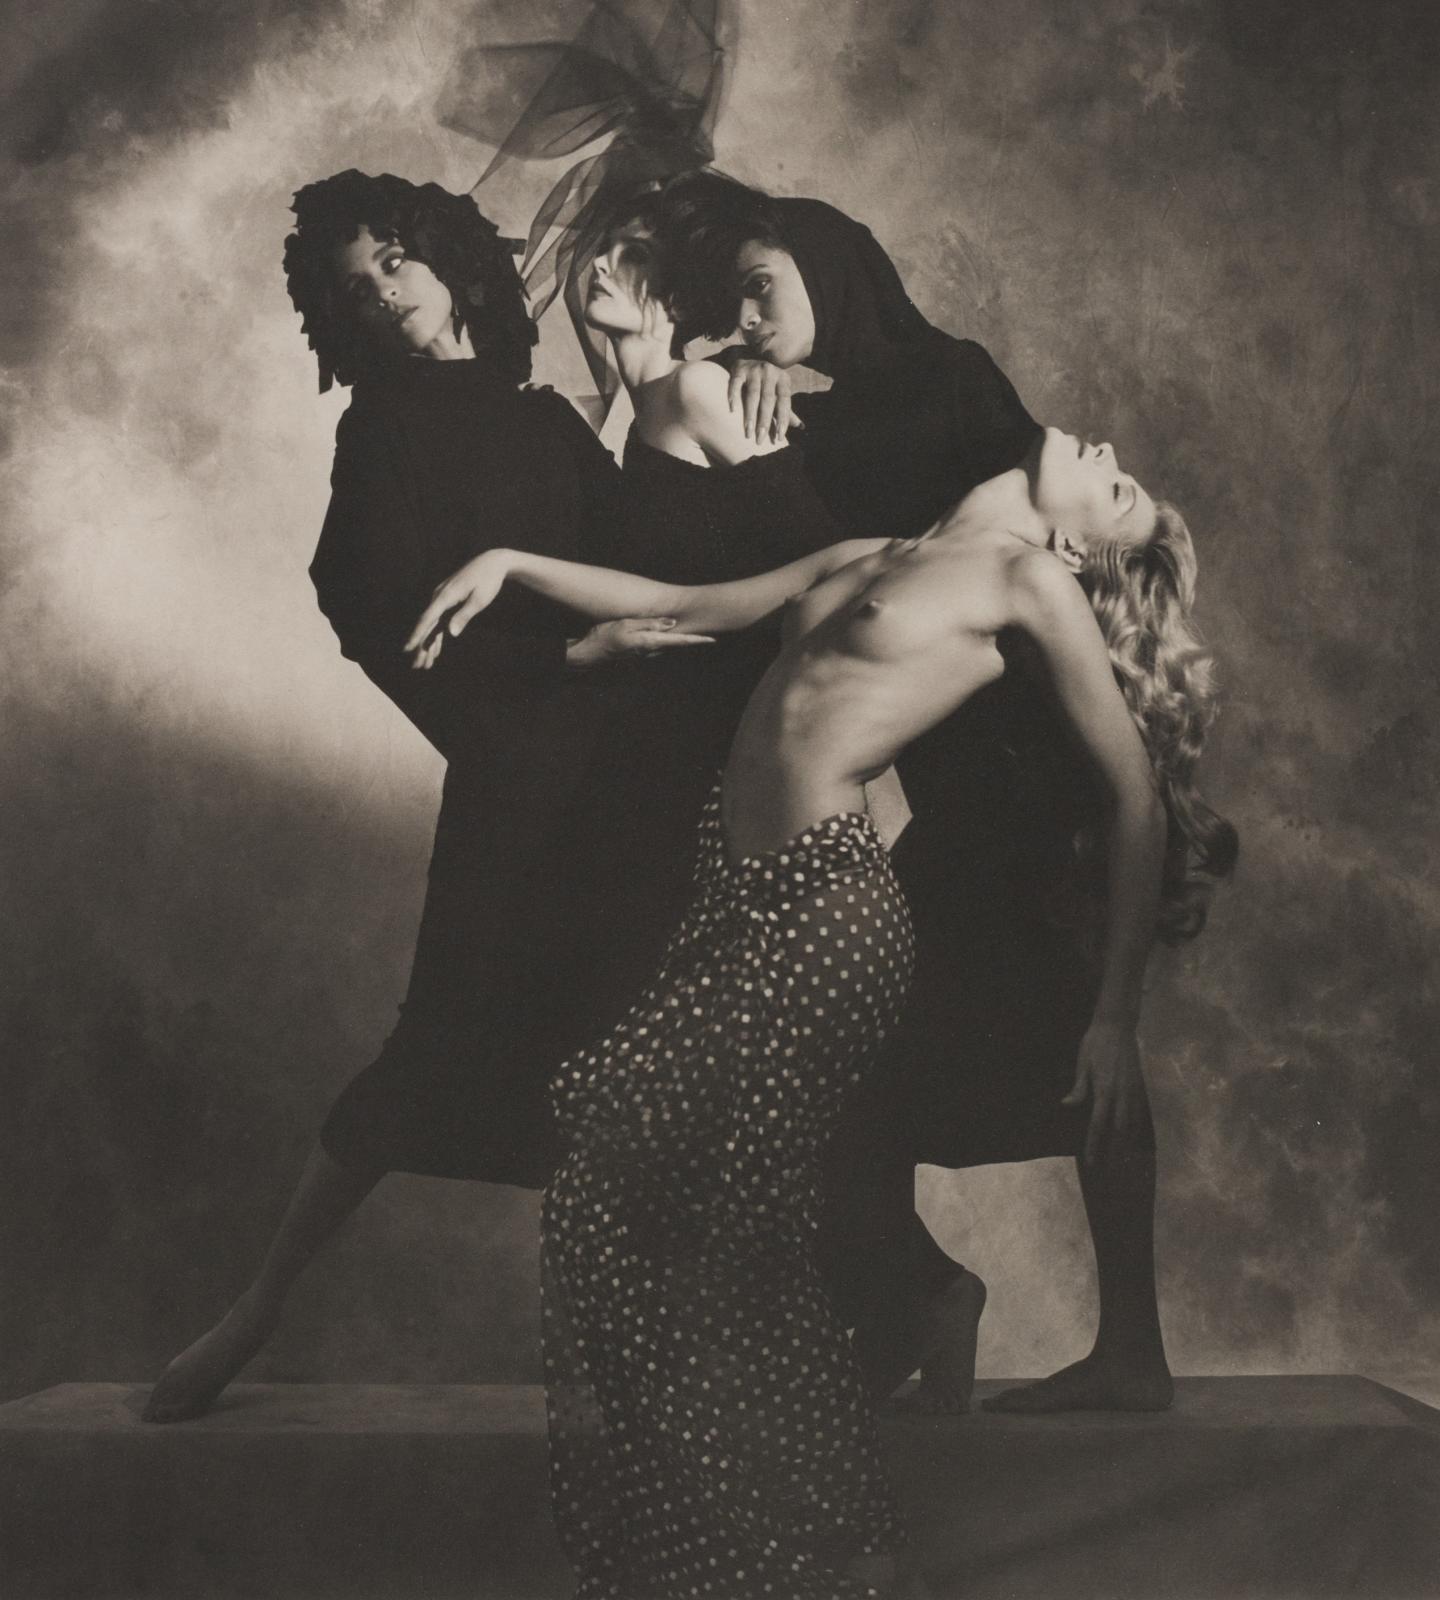 Horst P. Horst, Zoli Models, 1985